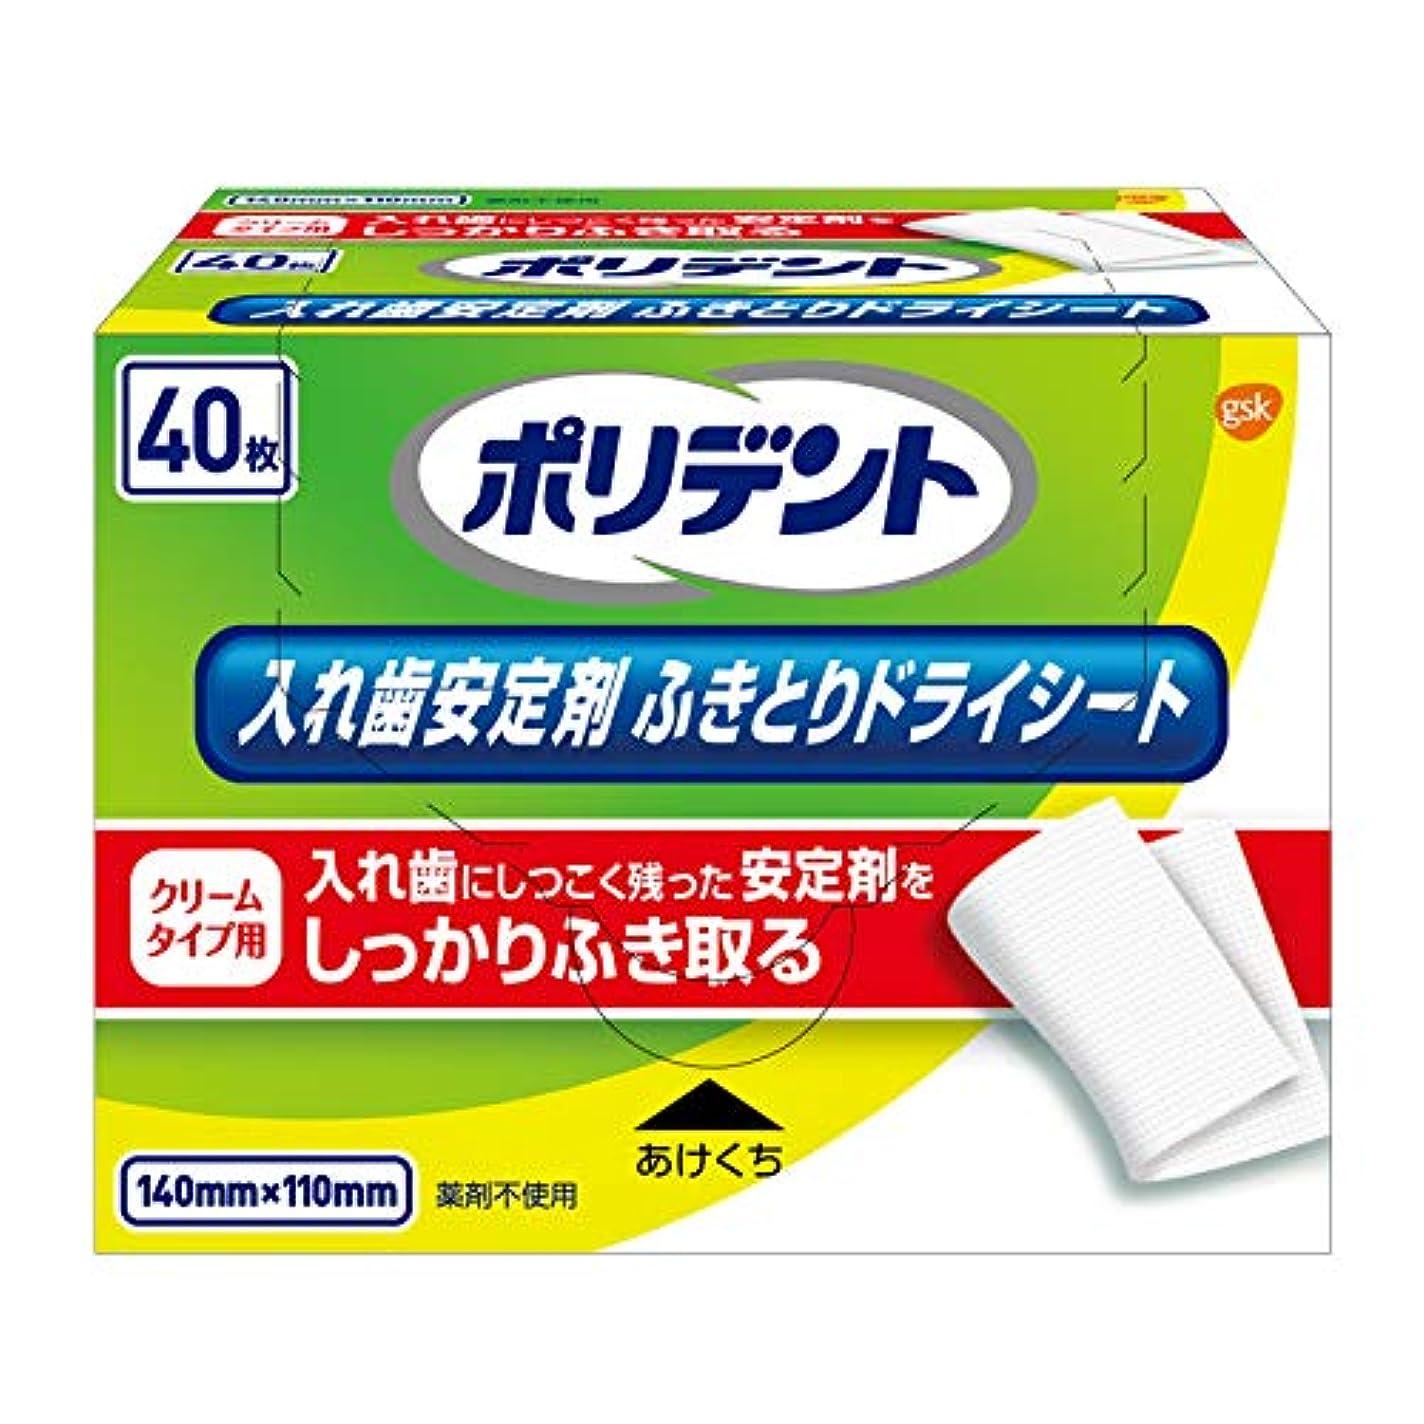 ぐるぐる払い戻し葉巻ポリデント 入れ歯安定剤ふきとりドライシート 40枚